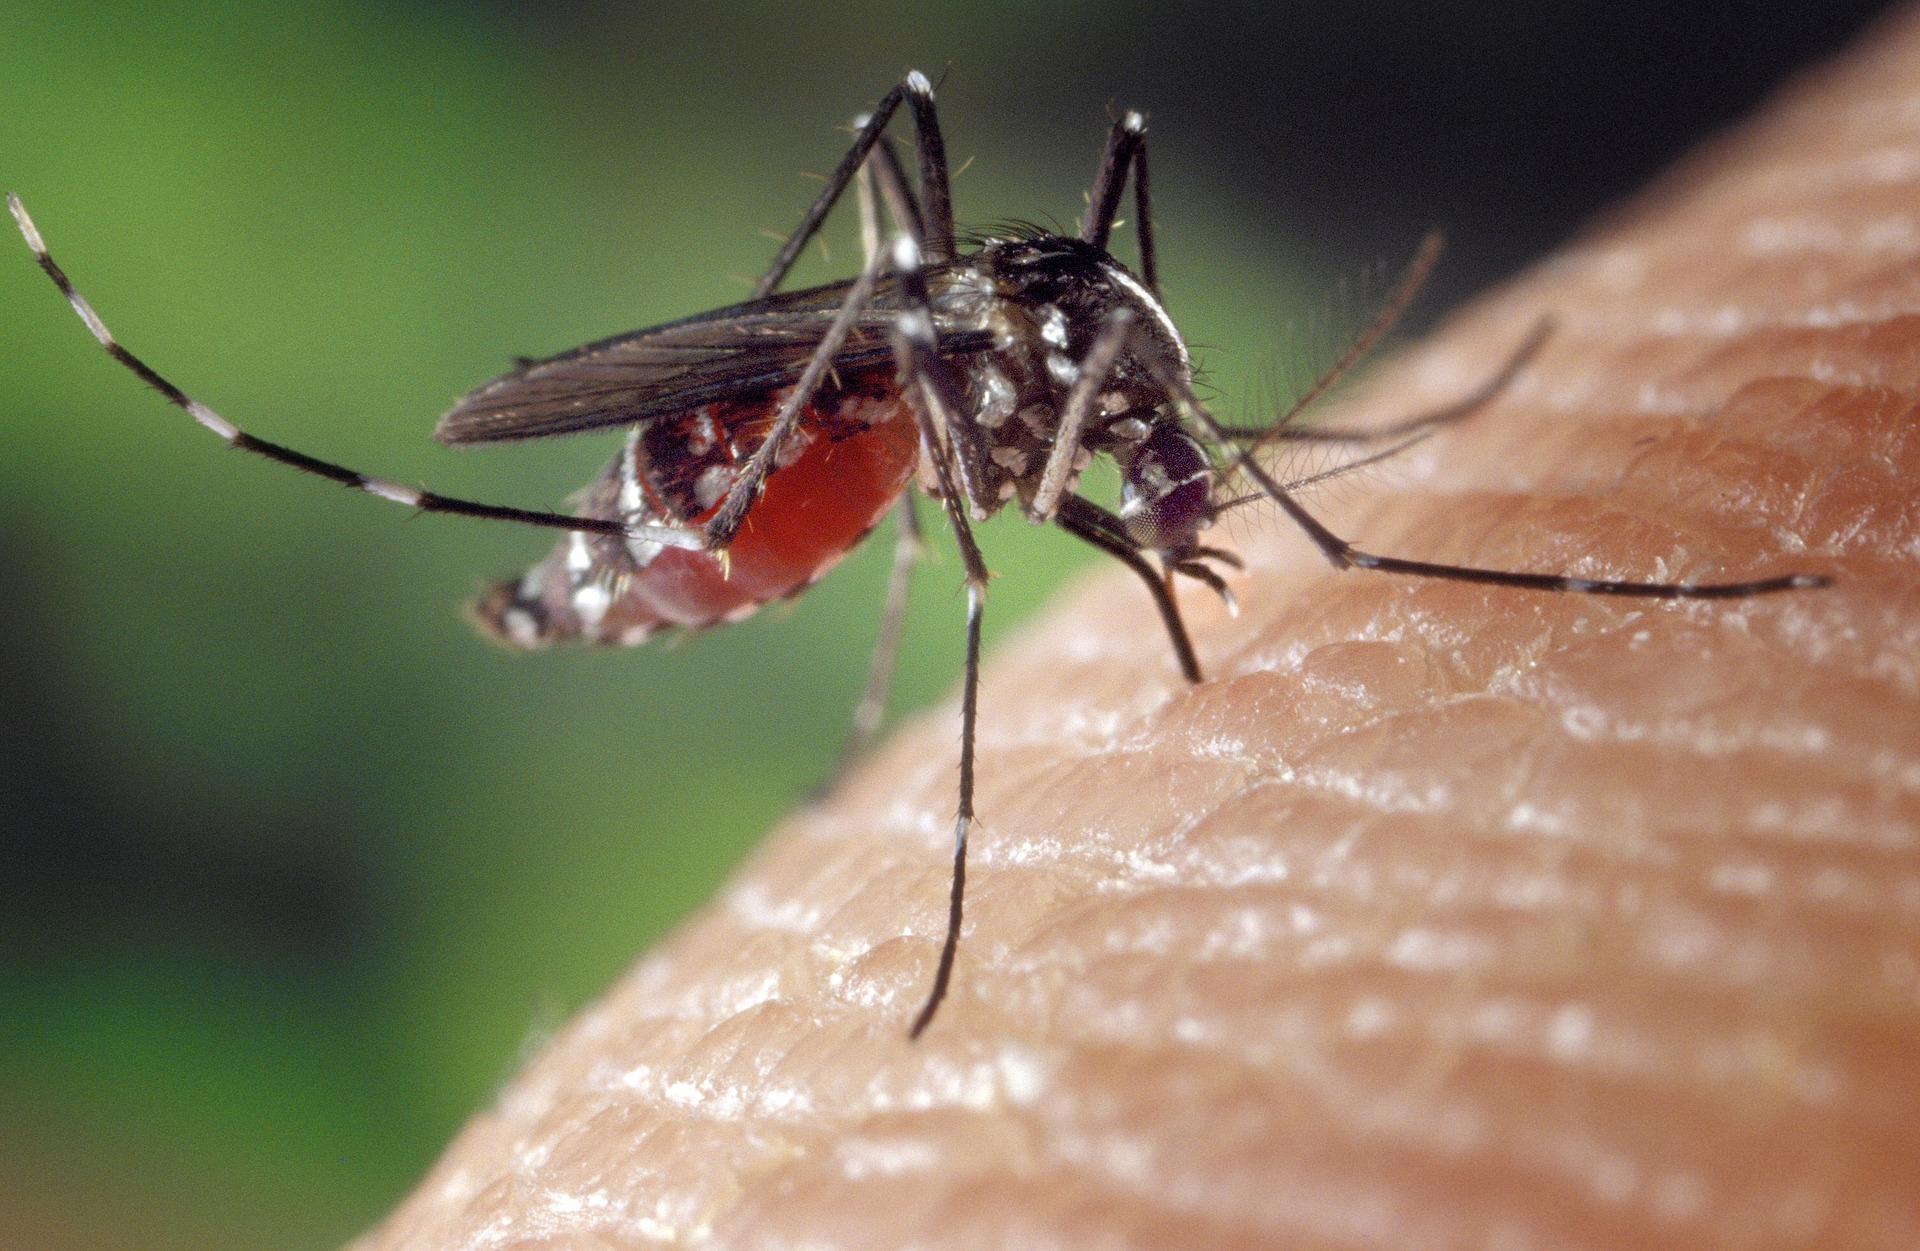 mosquito bite.jpg